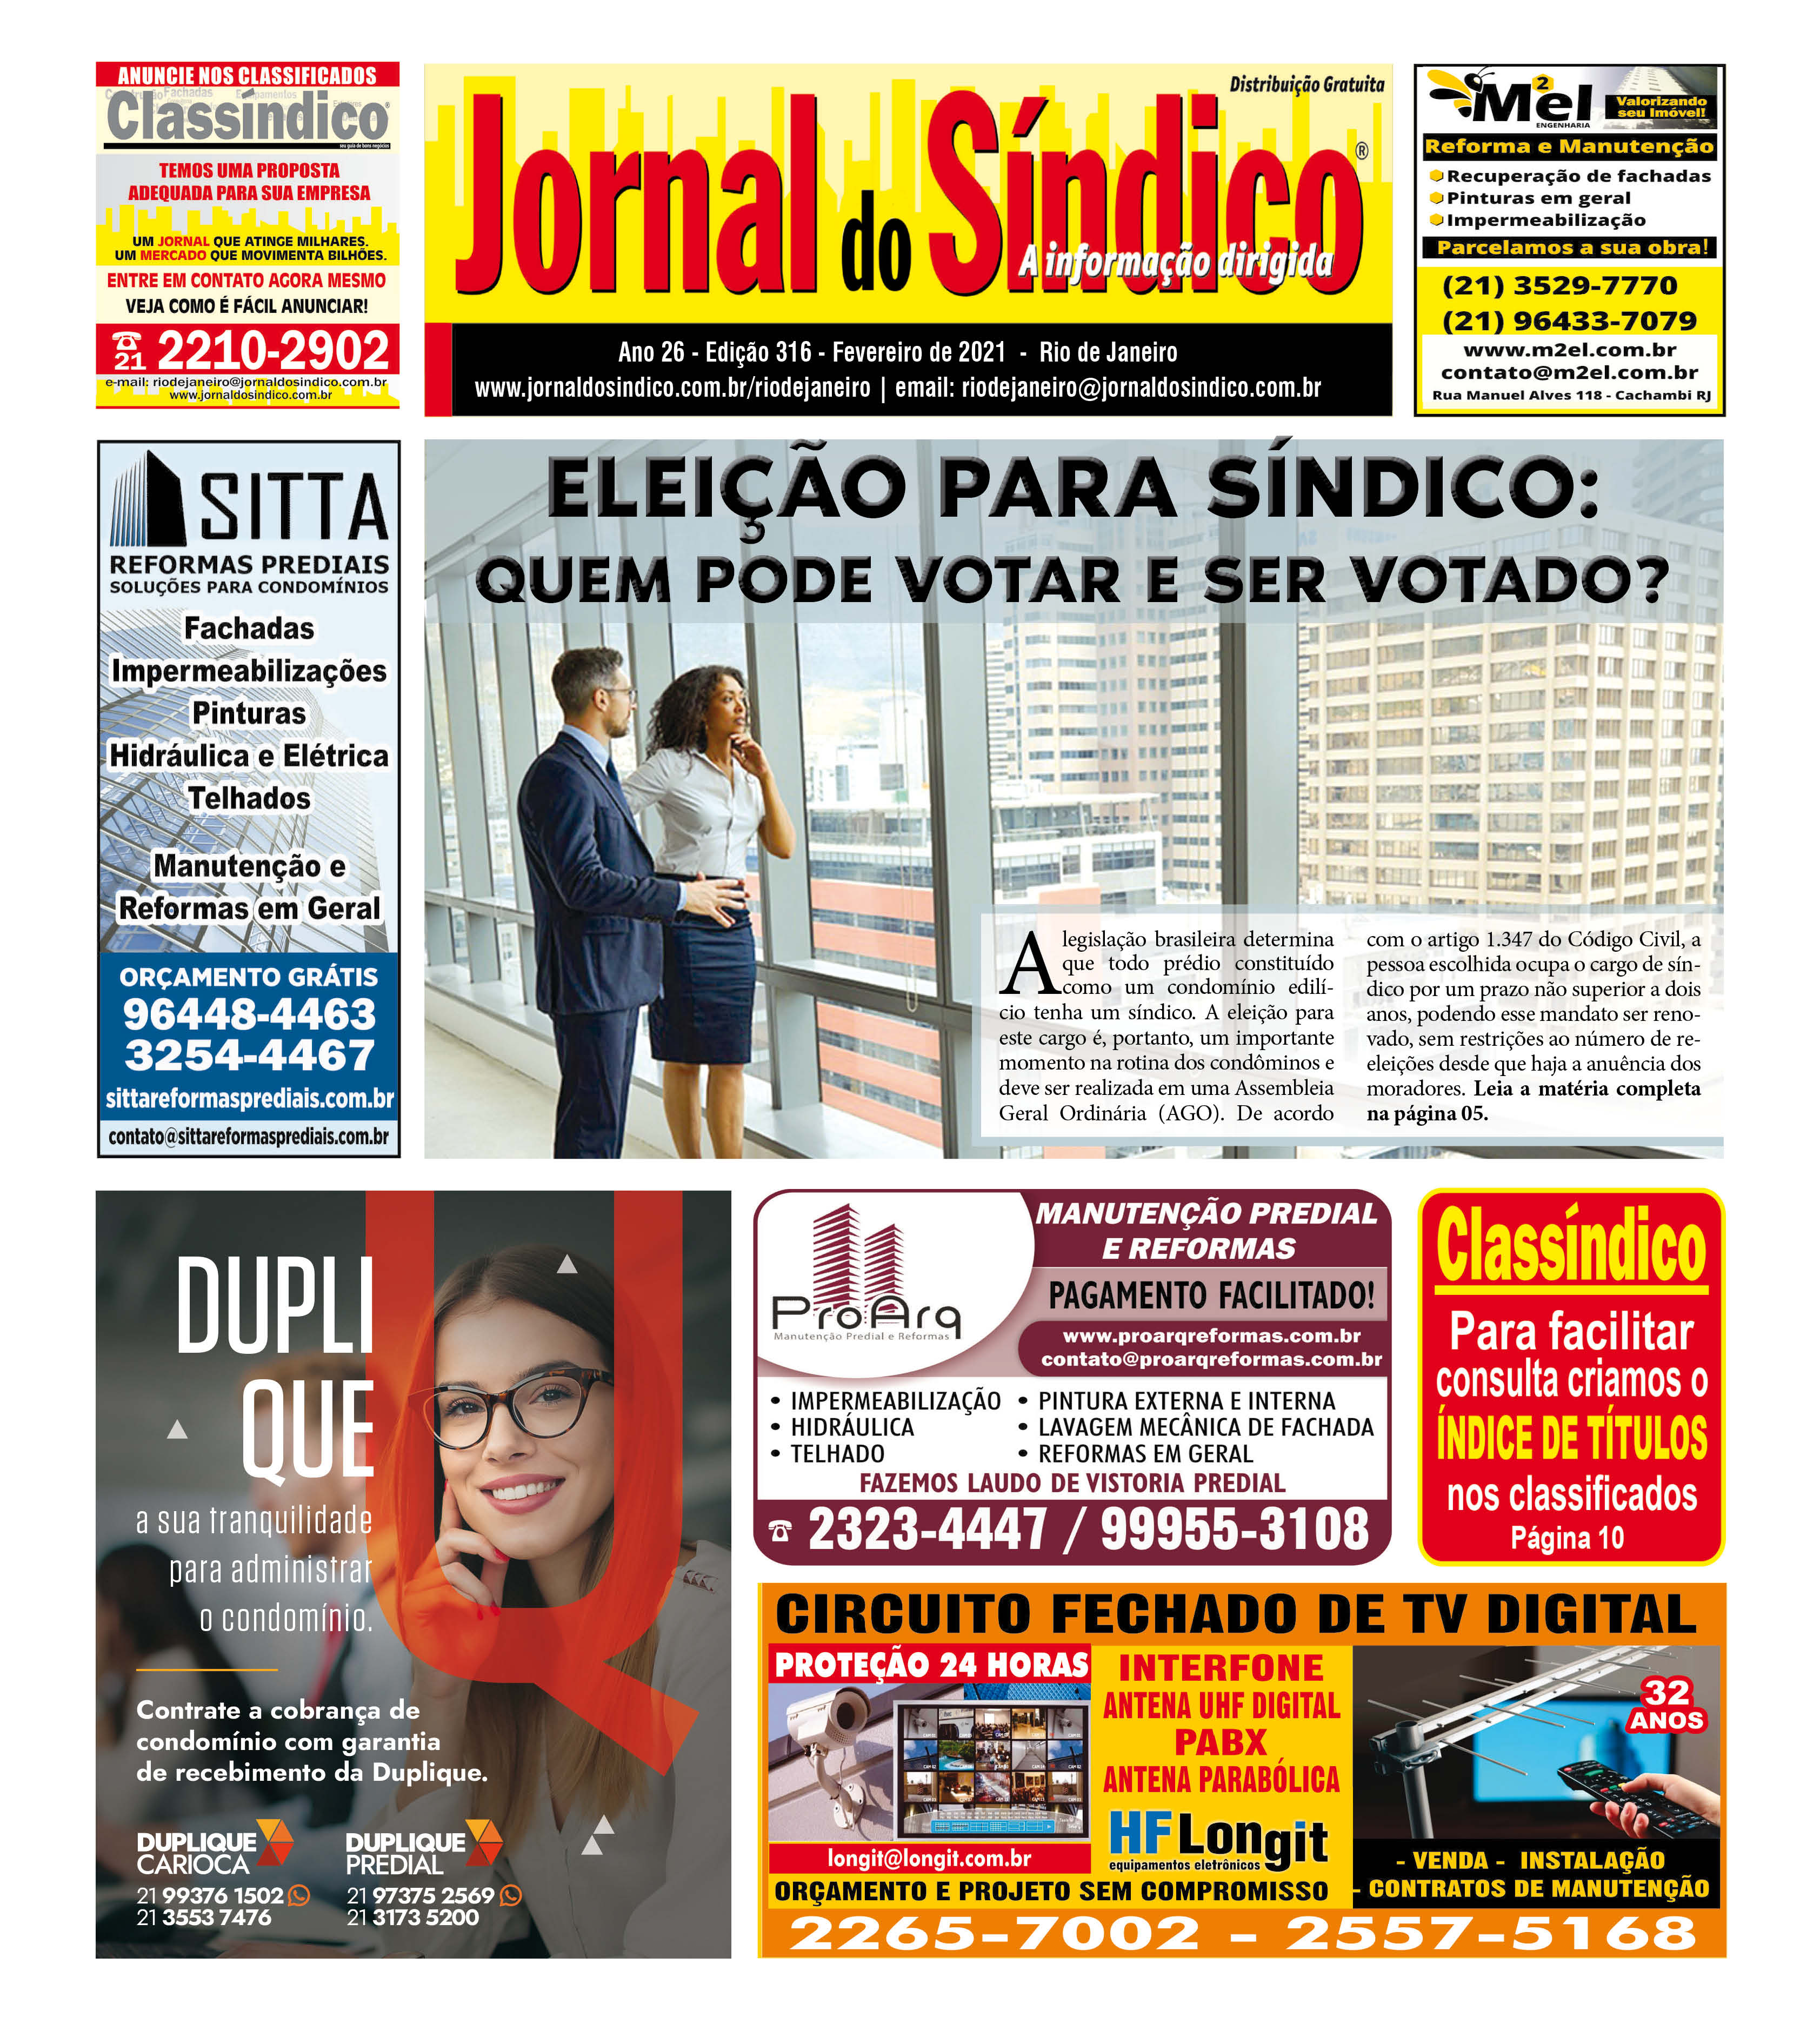 JSRJ 316 - FEVEREIRO 2021 - 12 paginas web